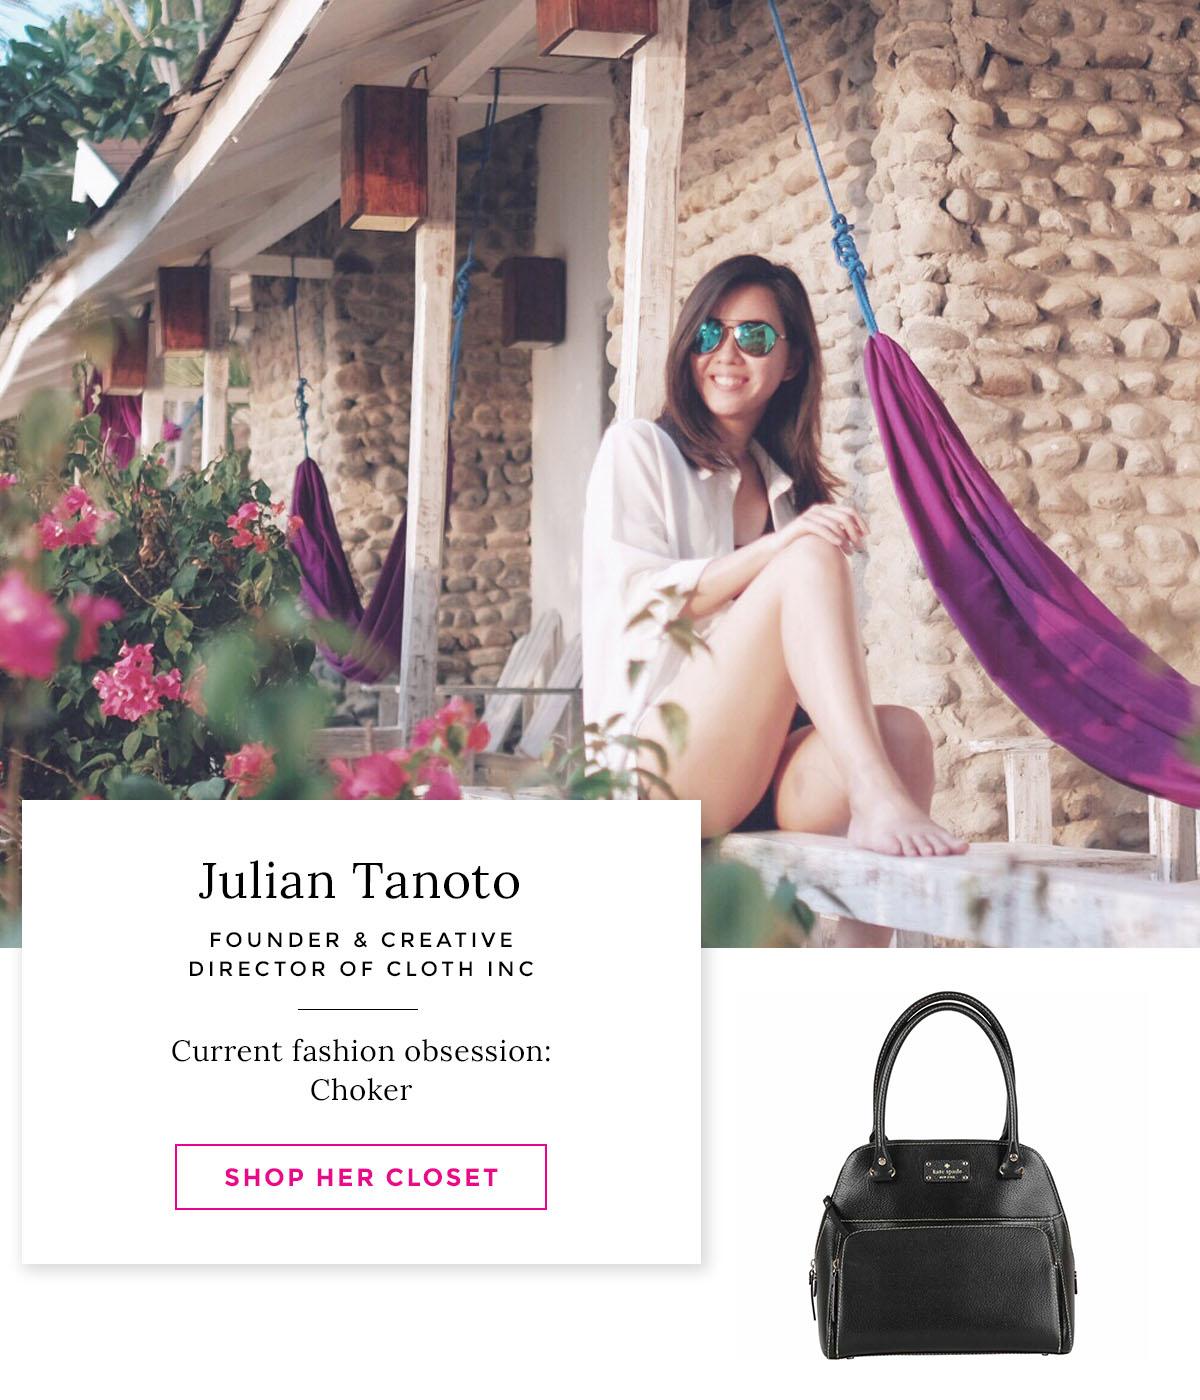 Julian Tanoto